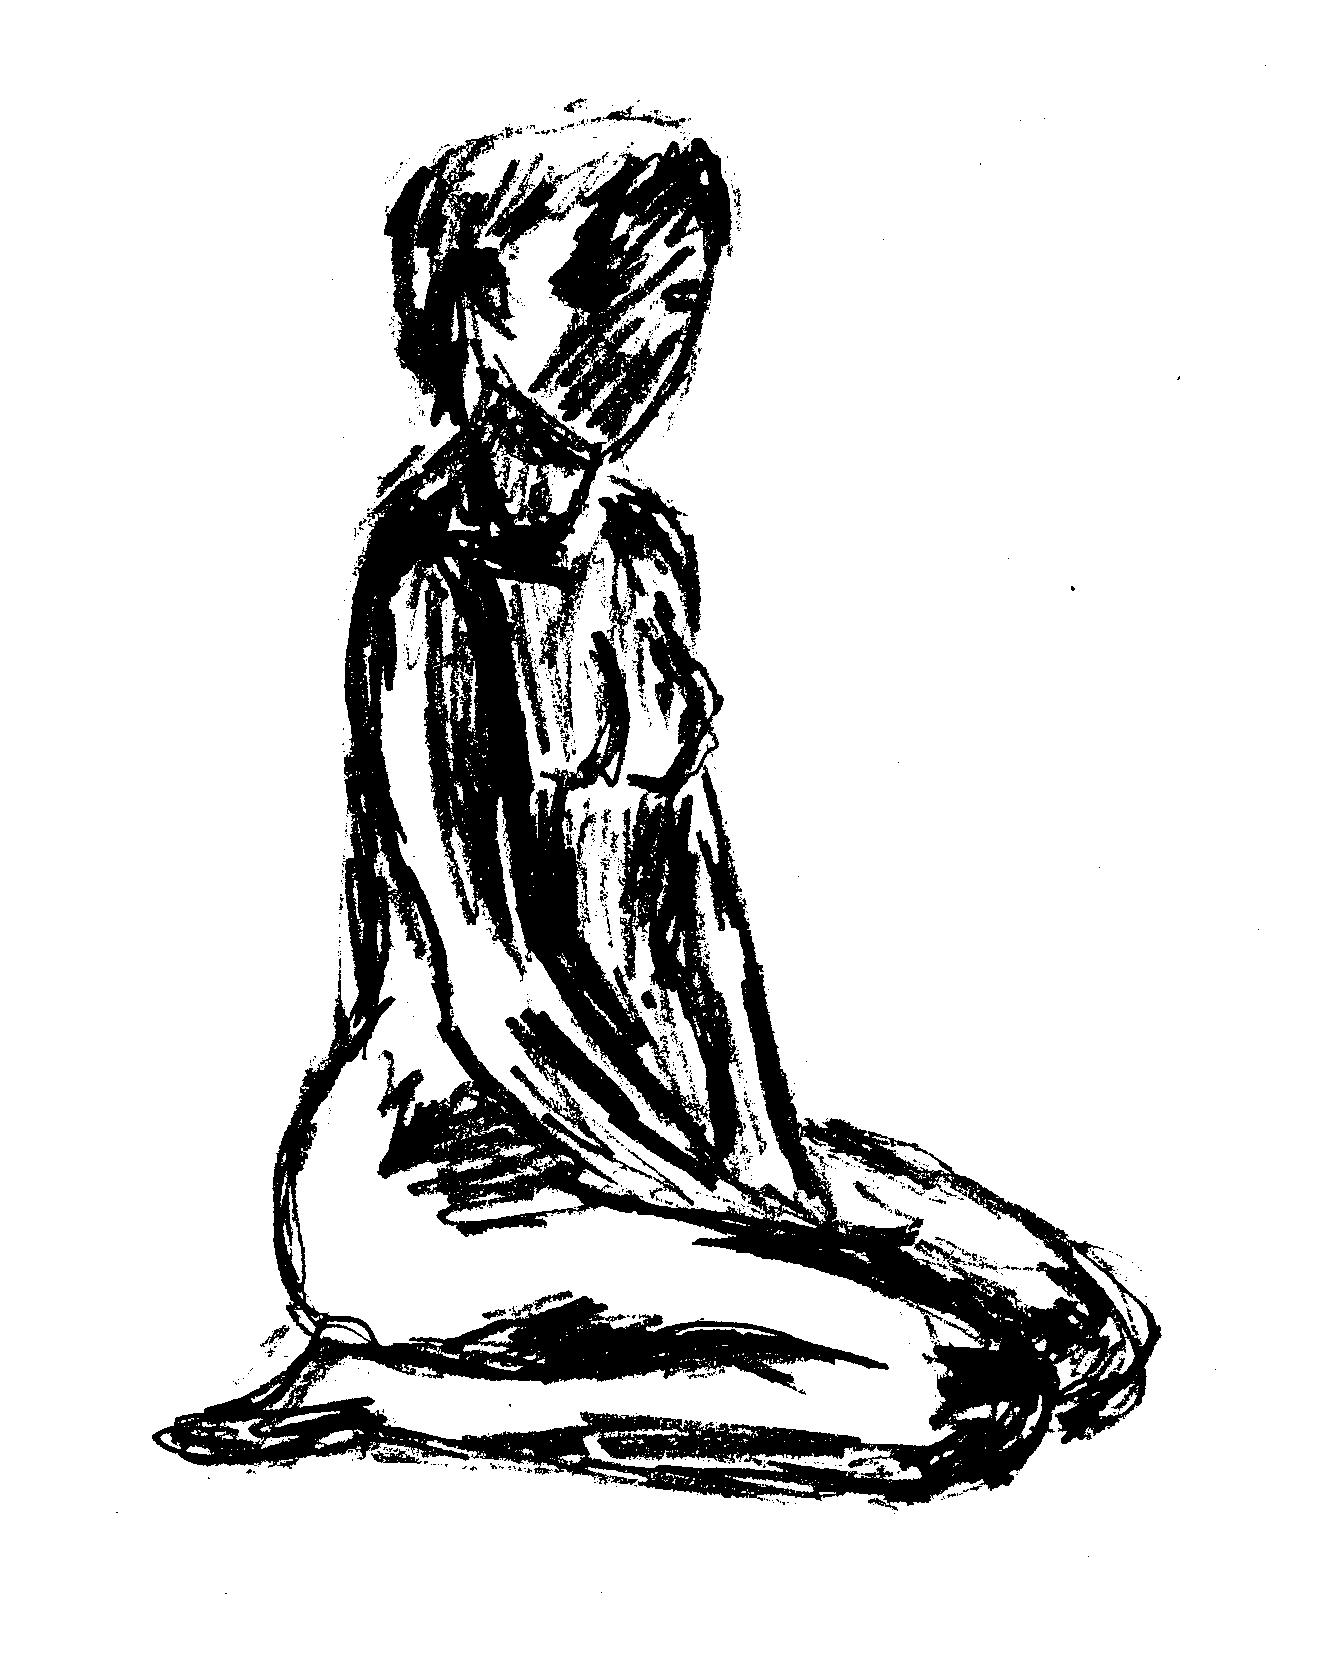 1327x1654 Kneeling Woman By Nibinlondien